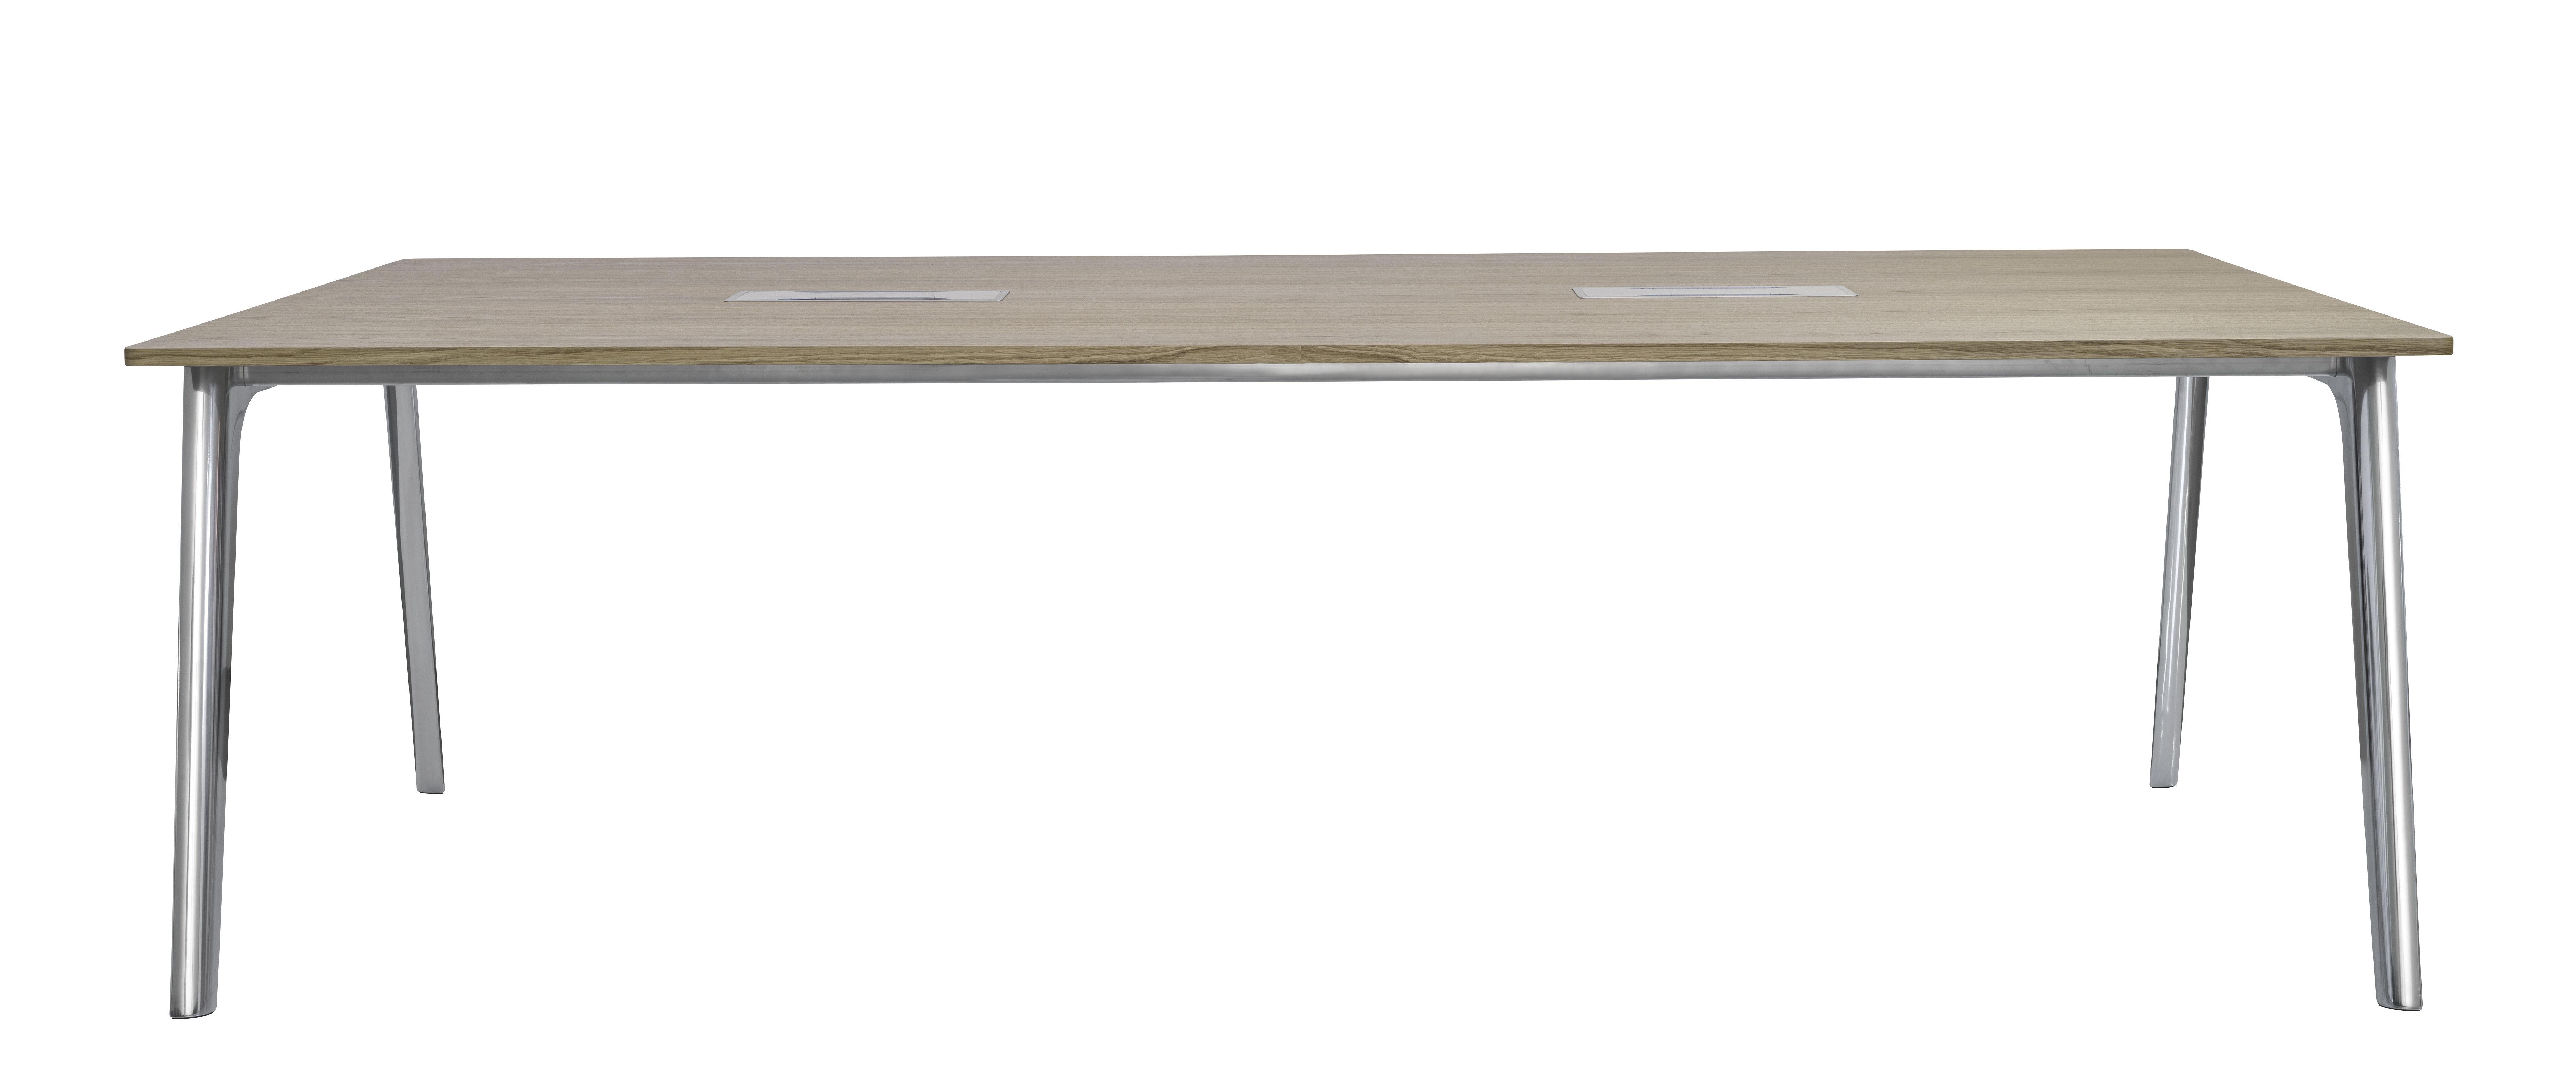 Arredamento - Mobili da ufficio - Scrivania Pluralis - / Scrivania - 200 x 100 cm - Rovere di Fritz Hansen - rovere / Gambe cromate - Alluminio cromato, Rovere verniciato